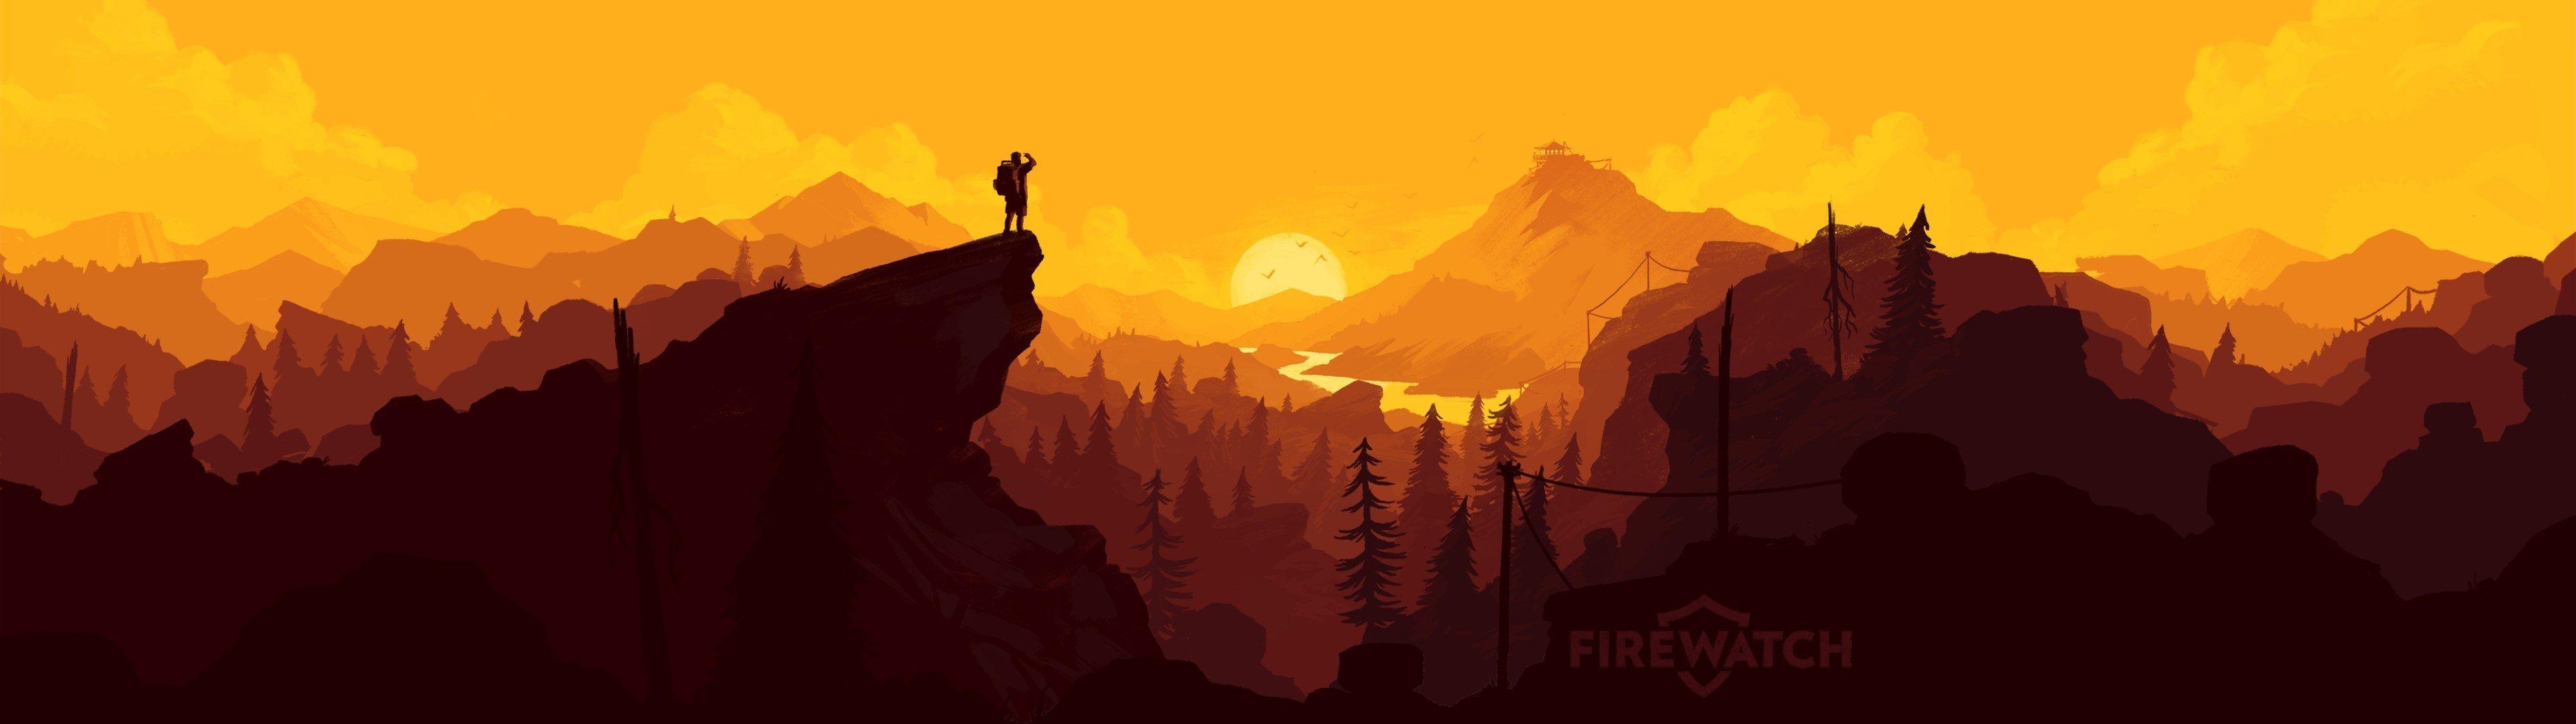 3840x1080 firewatch 4k hd wallpaper | wallpapers and backgronds | Art, 3840x1080 wallpaper и ...